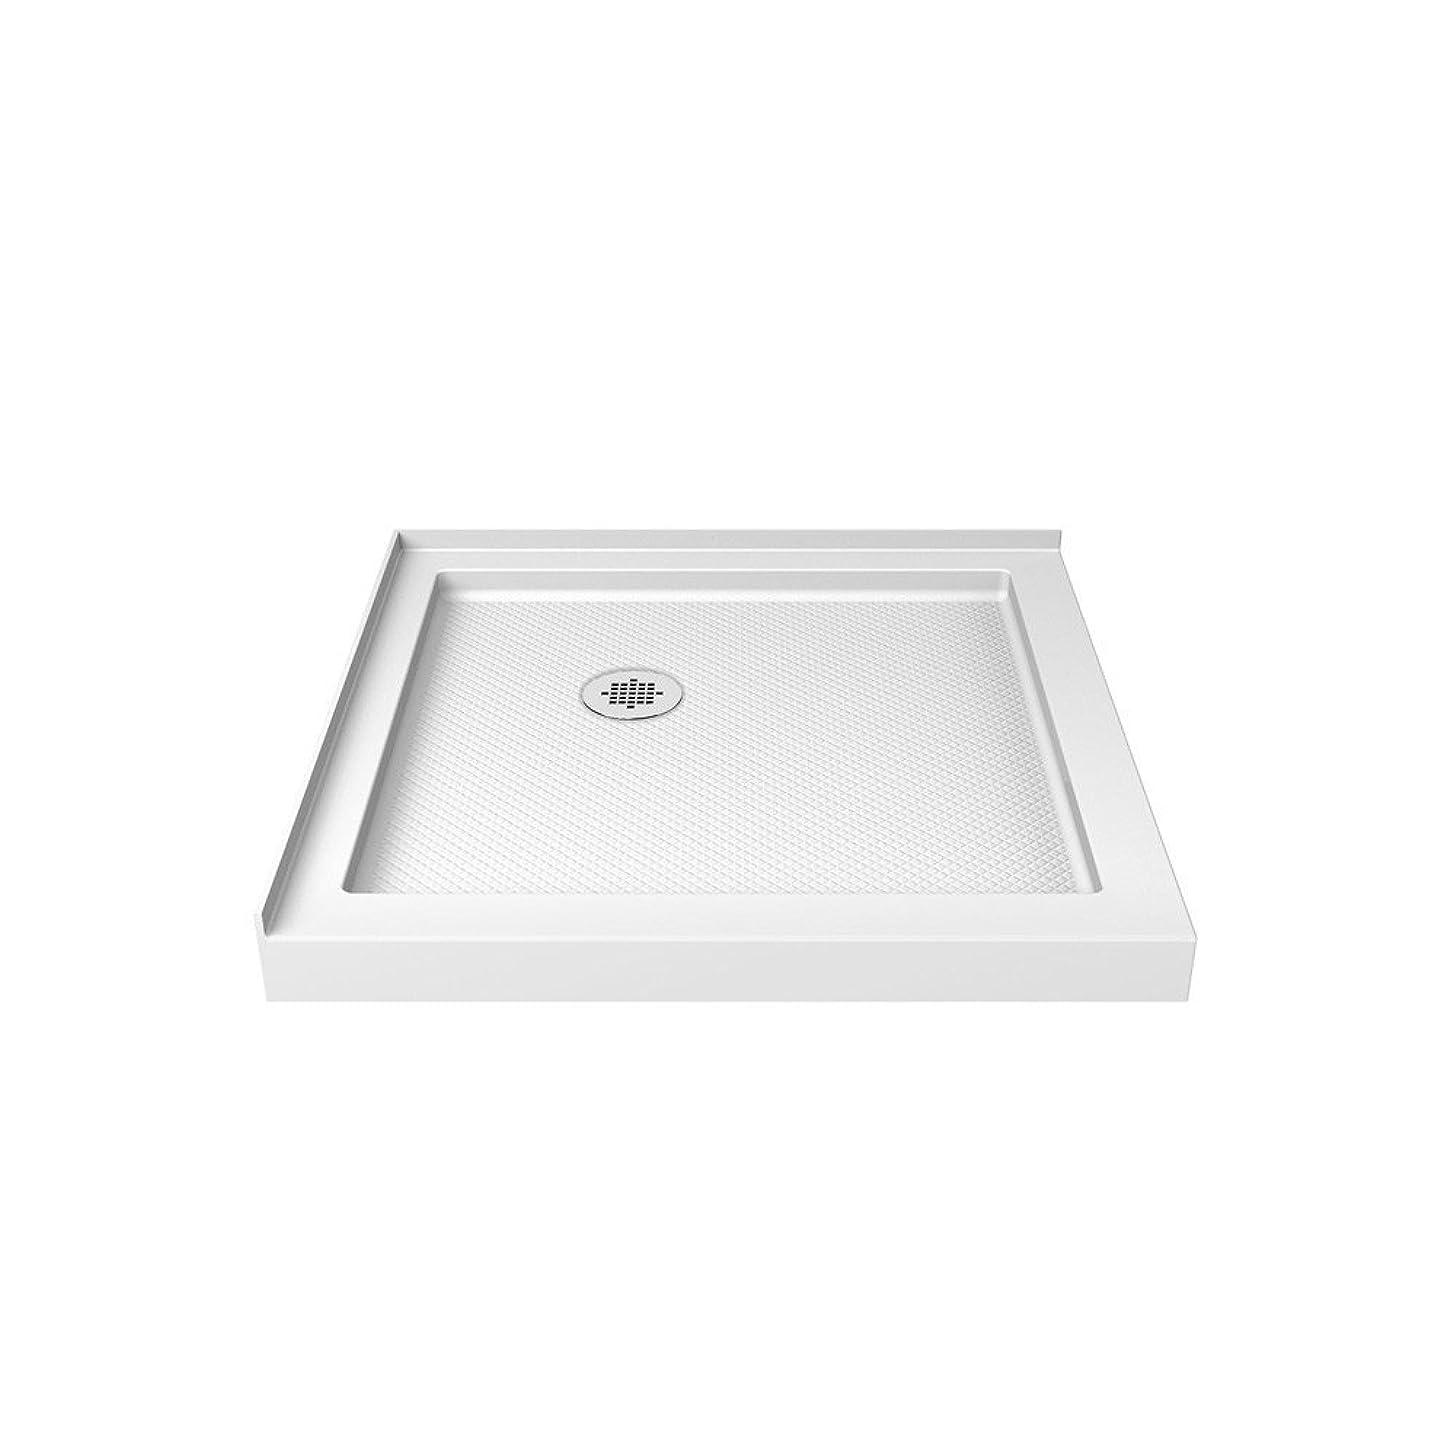 DreamLine SlimLine 32 in. D x 32 in. W x 2 3/4 in. H Corner Drain Double Threshold Shower Base in White